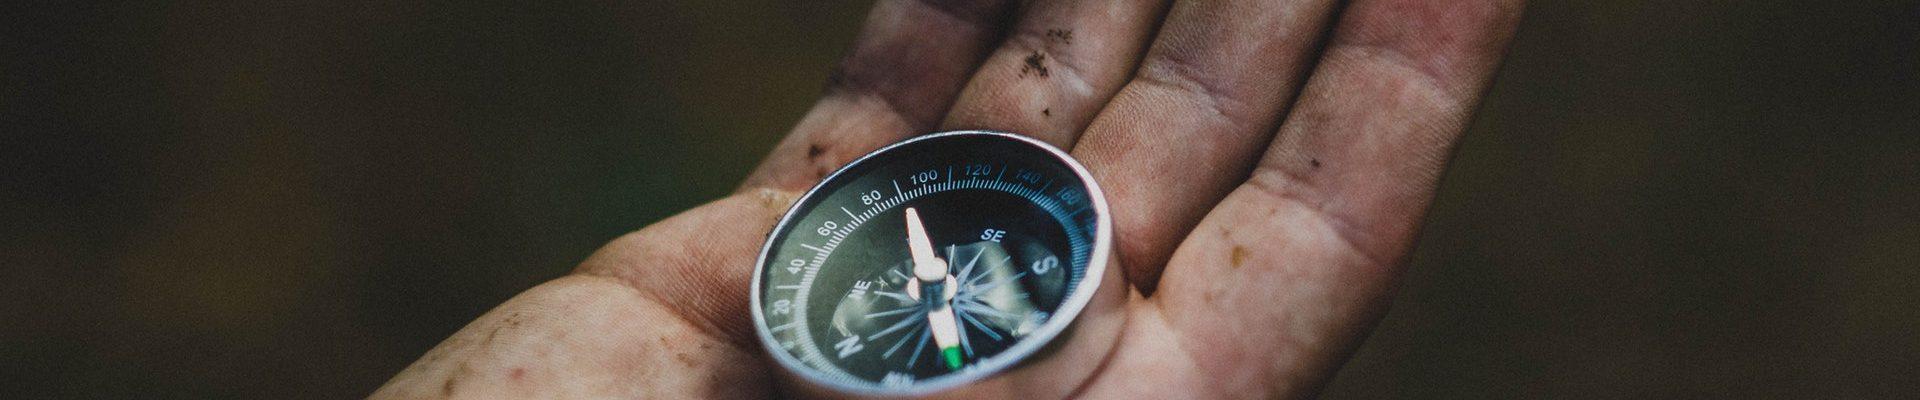 Kairos Course: Compass